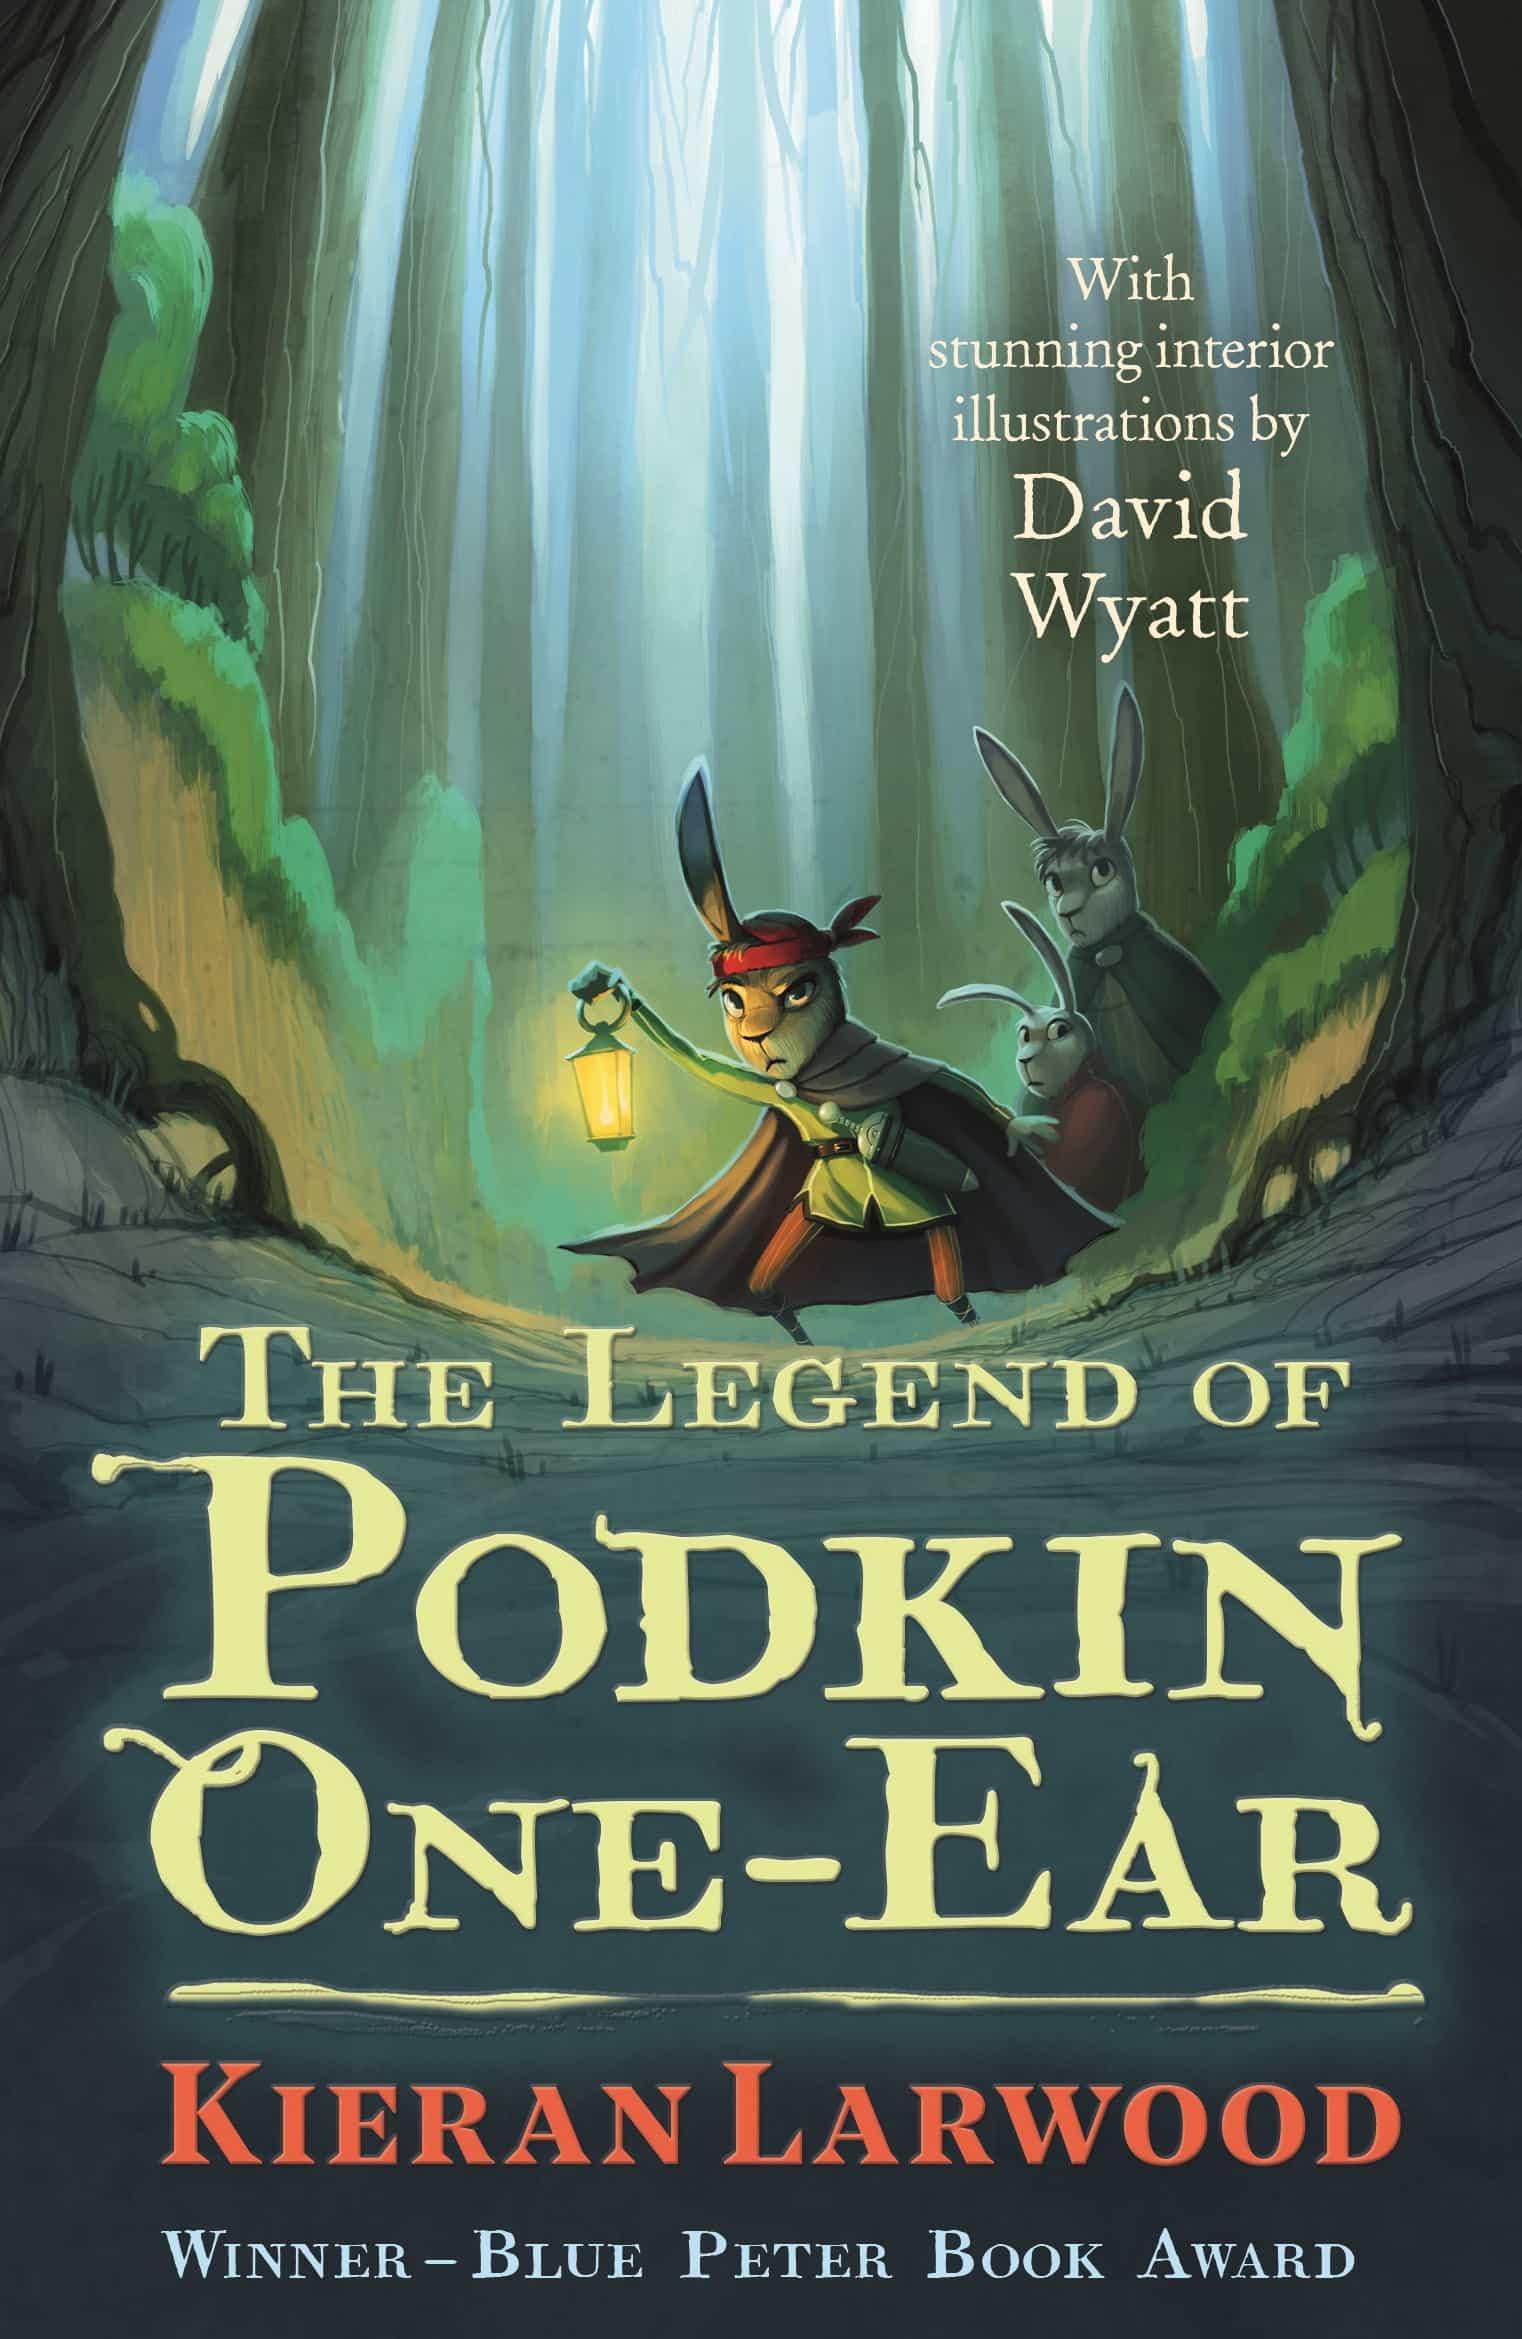 The Legend Podkin One-Ear